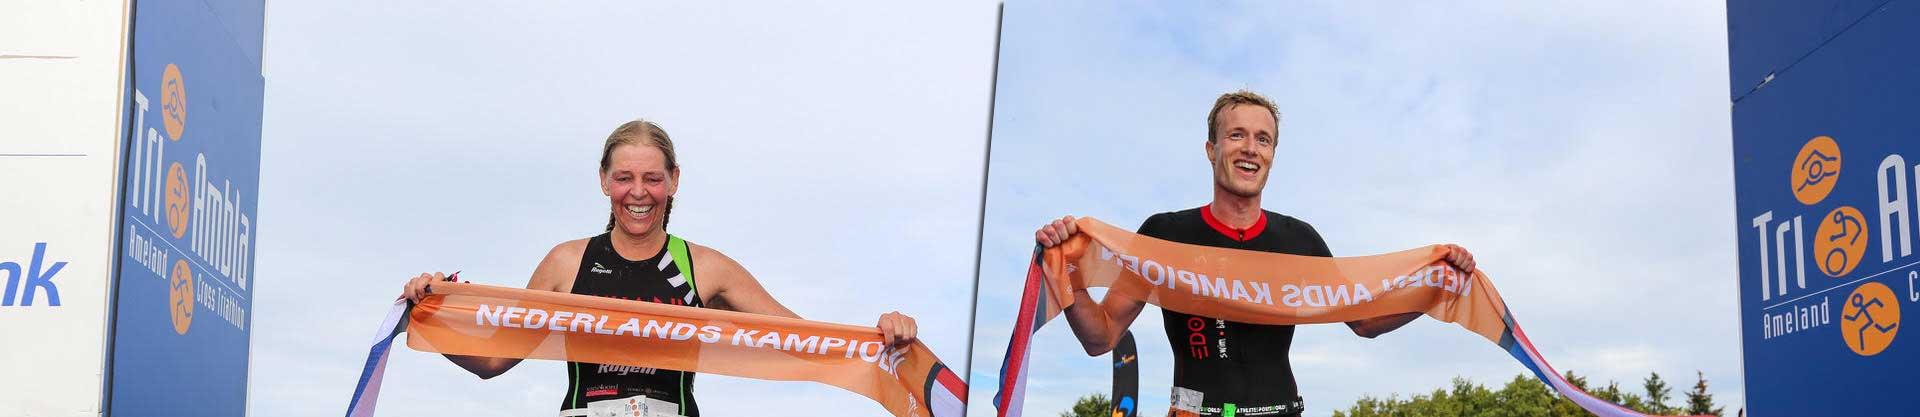 Tri-Ambla 2018 NK Cross Triathlon winnaars Ingrid van Lubek en Joep Staps